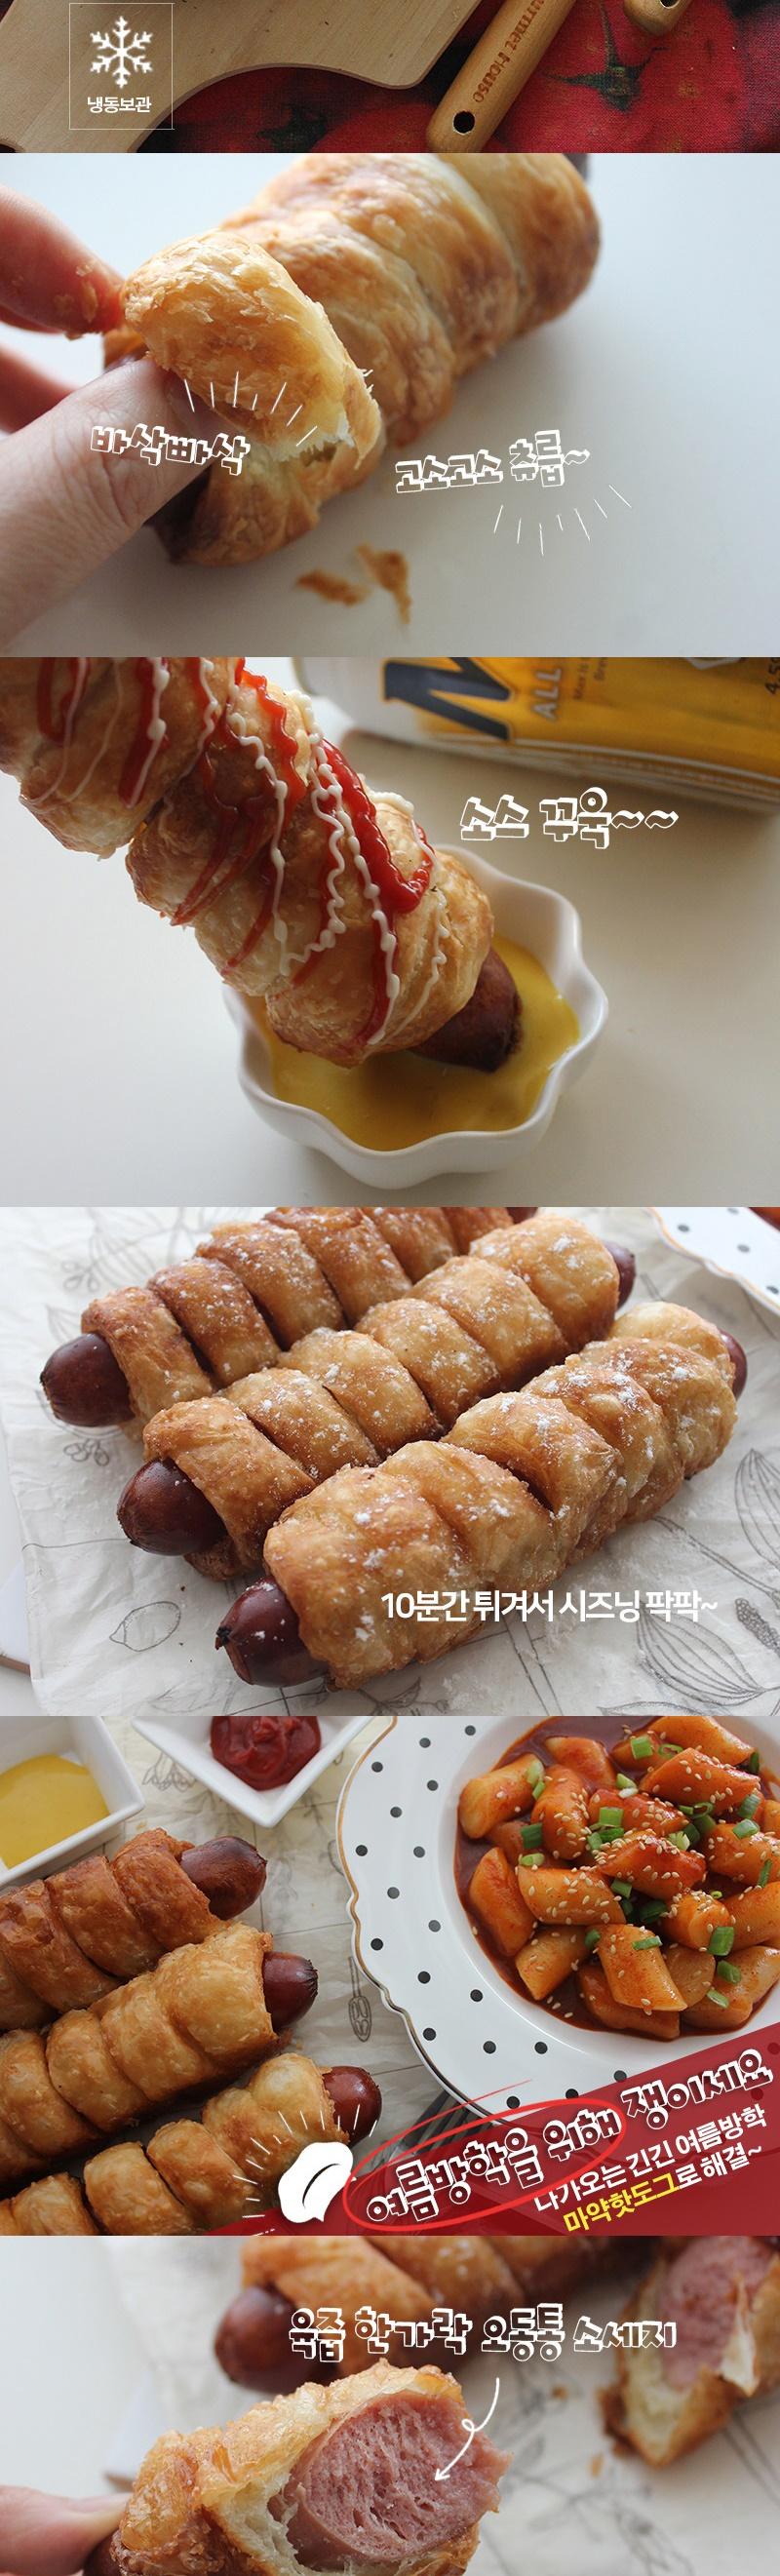 소시지,핫도그,간식,술안주/